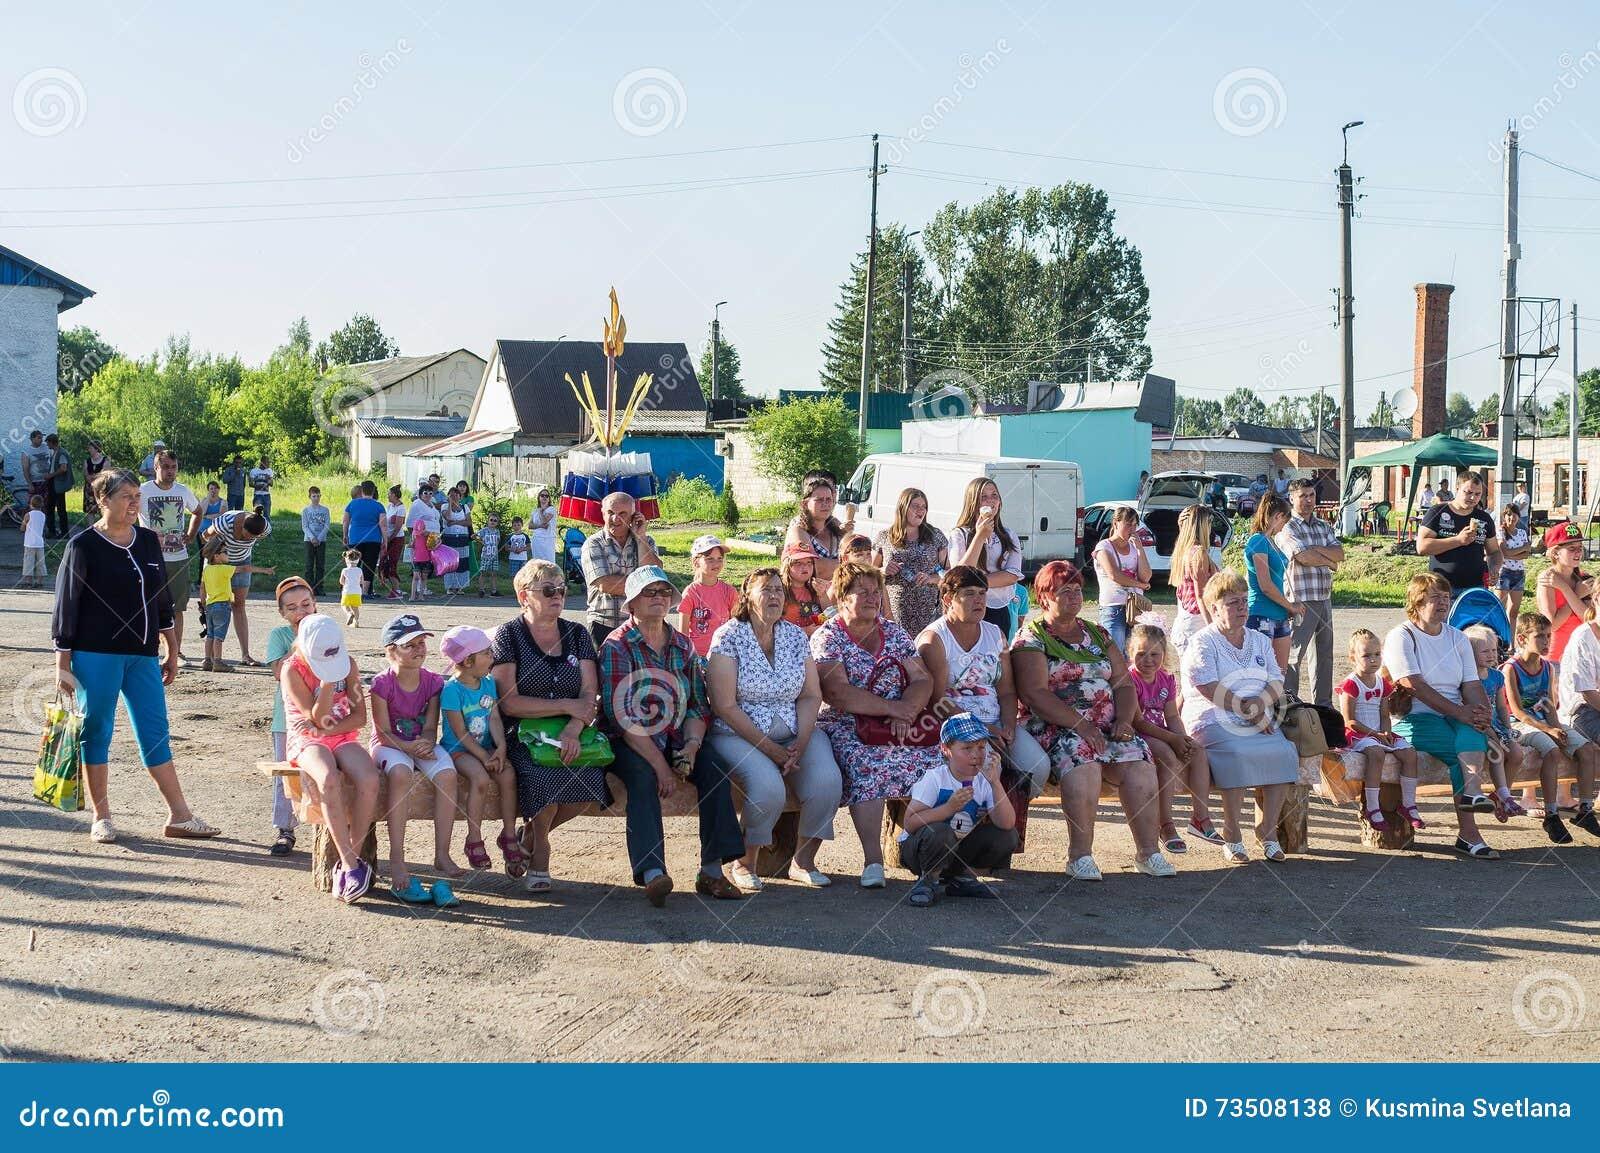 La celebración del día de la juventud en la región de Kaluga en Rusia el 27 de junio de 2016